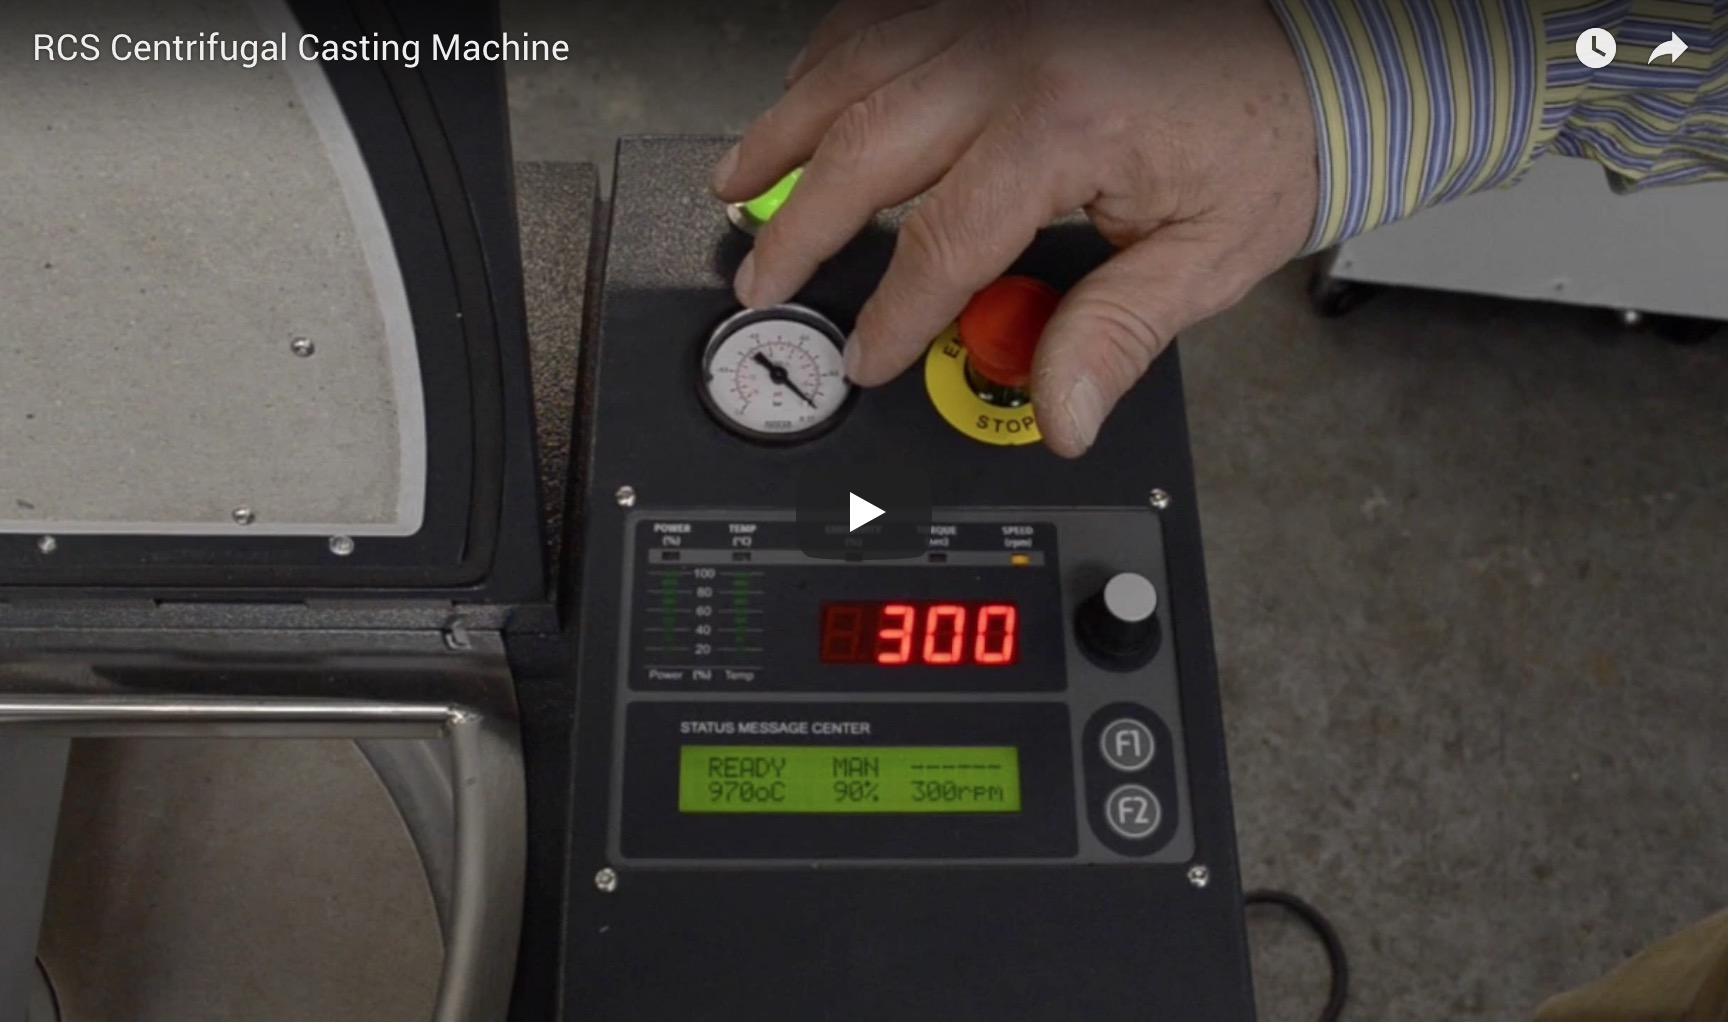 RCS Centrifugal Casting Machine